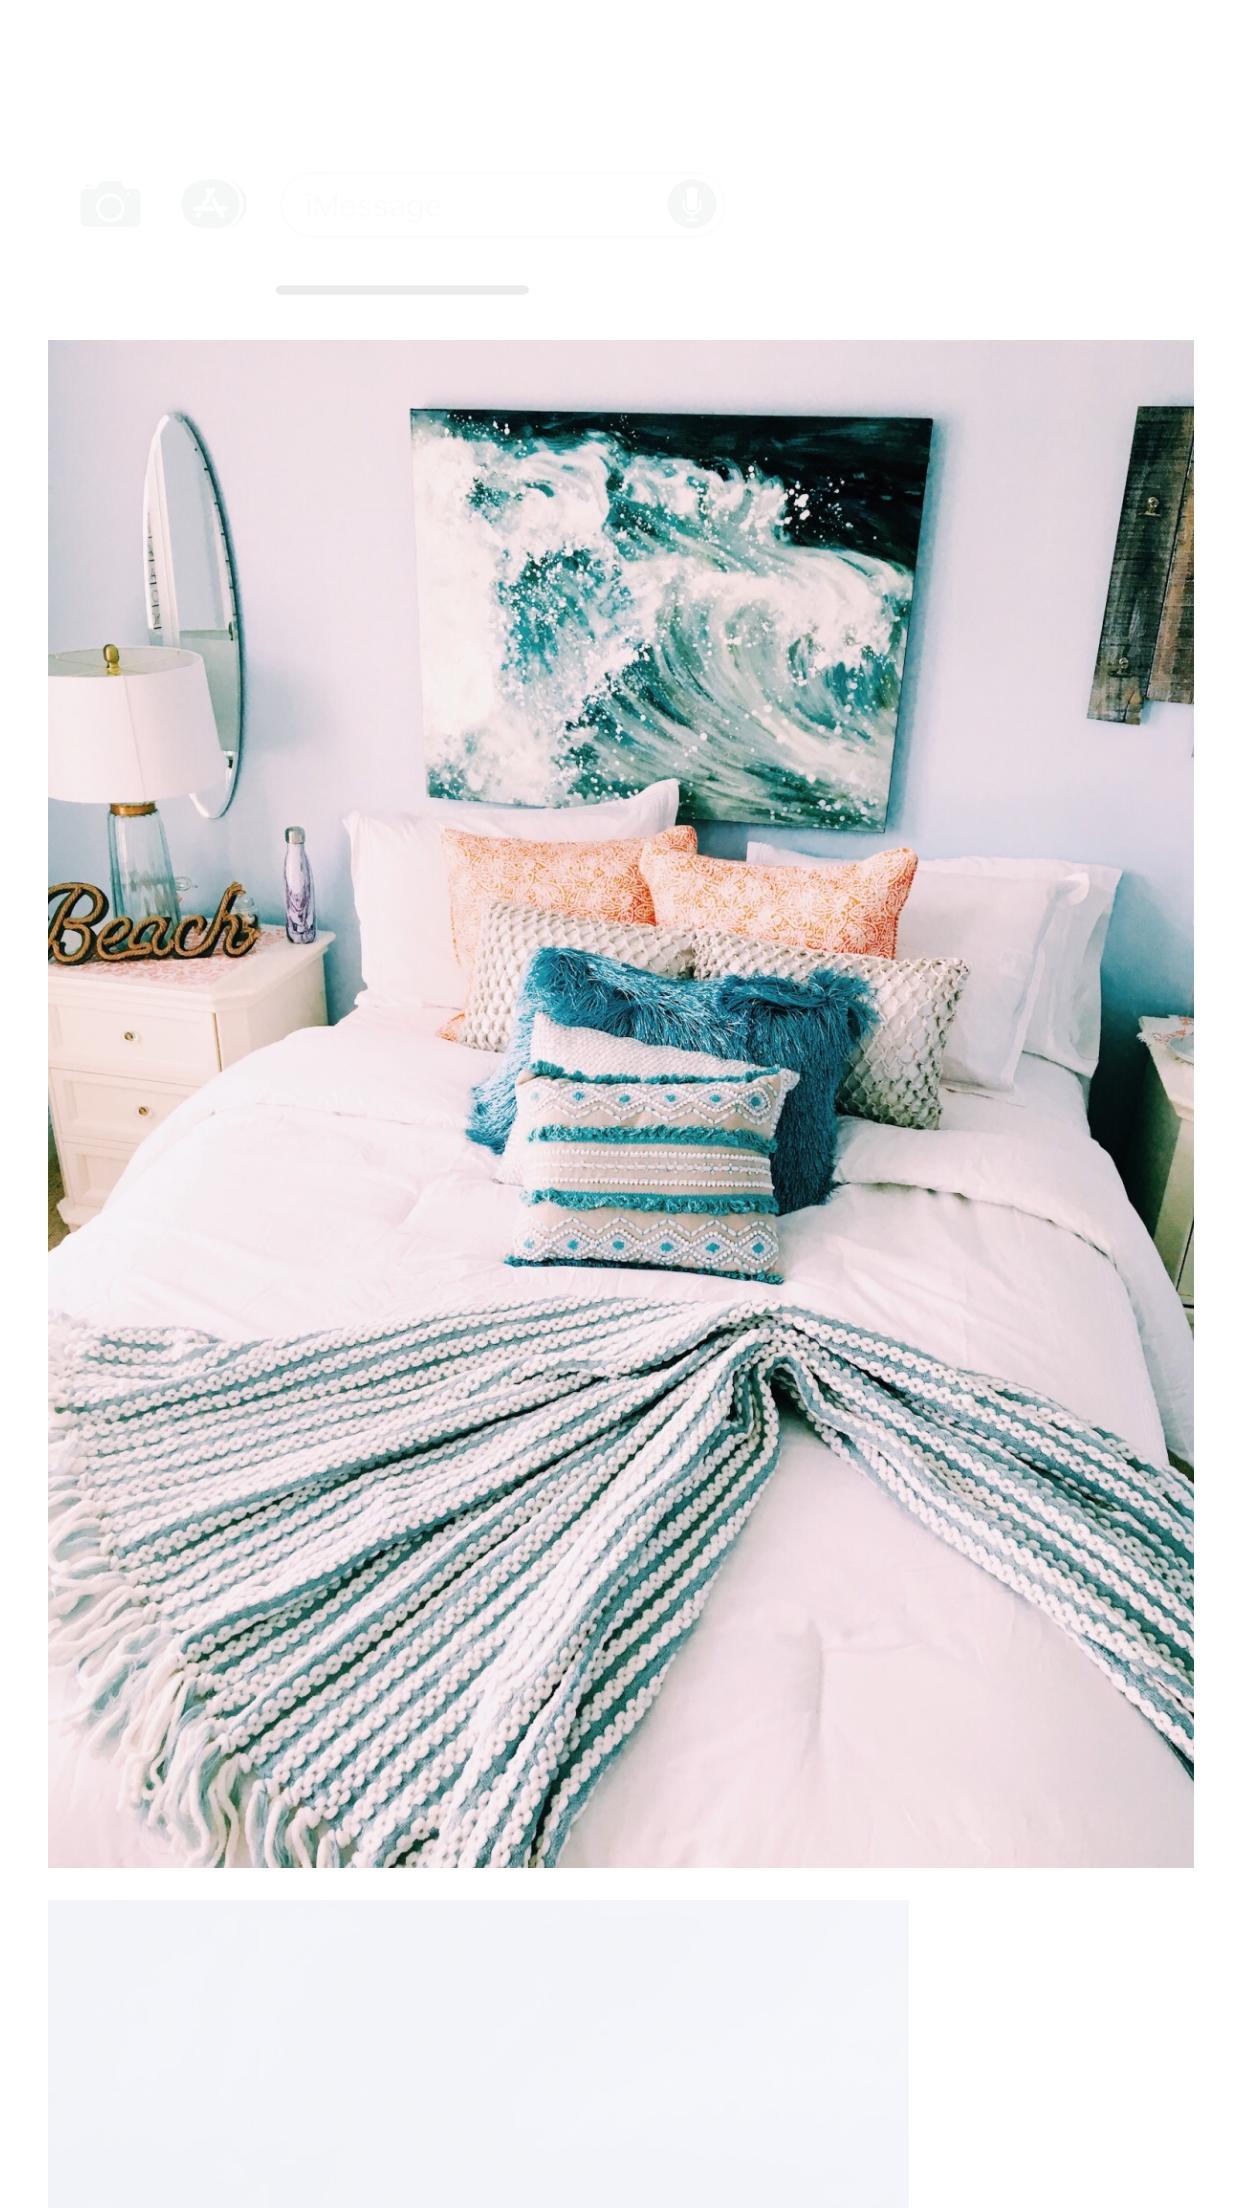 Beach Style Bedroom Ideas - Beach Bedroom Style. This beach ...